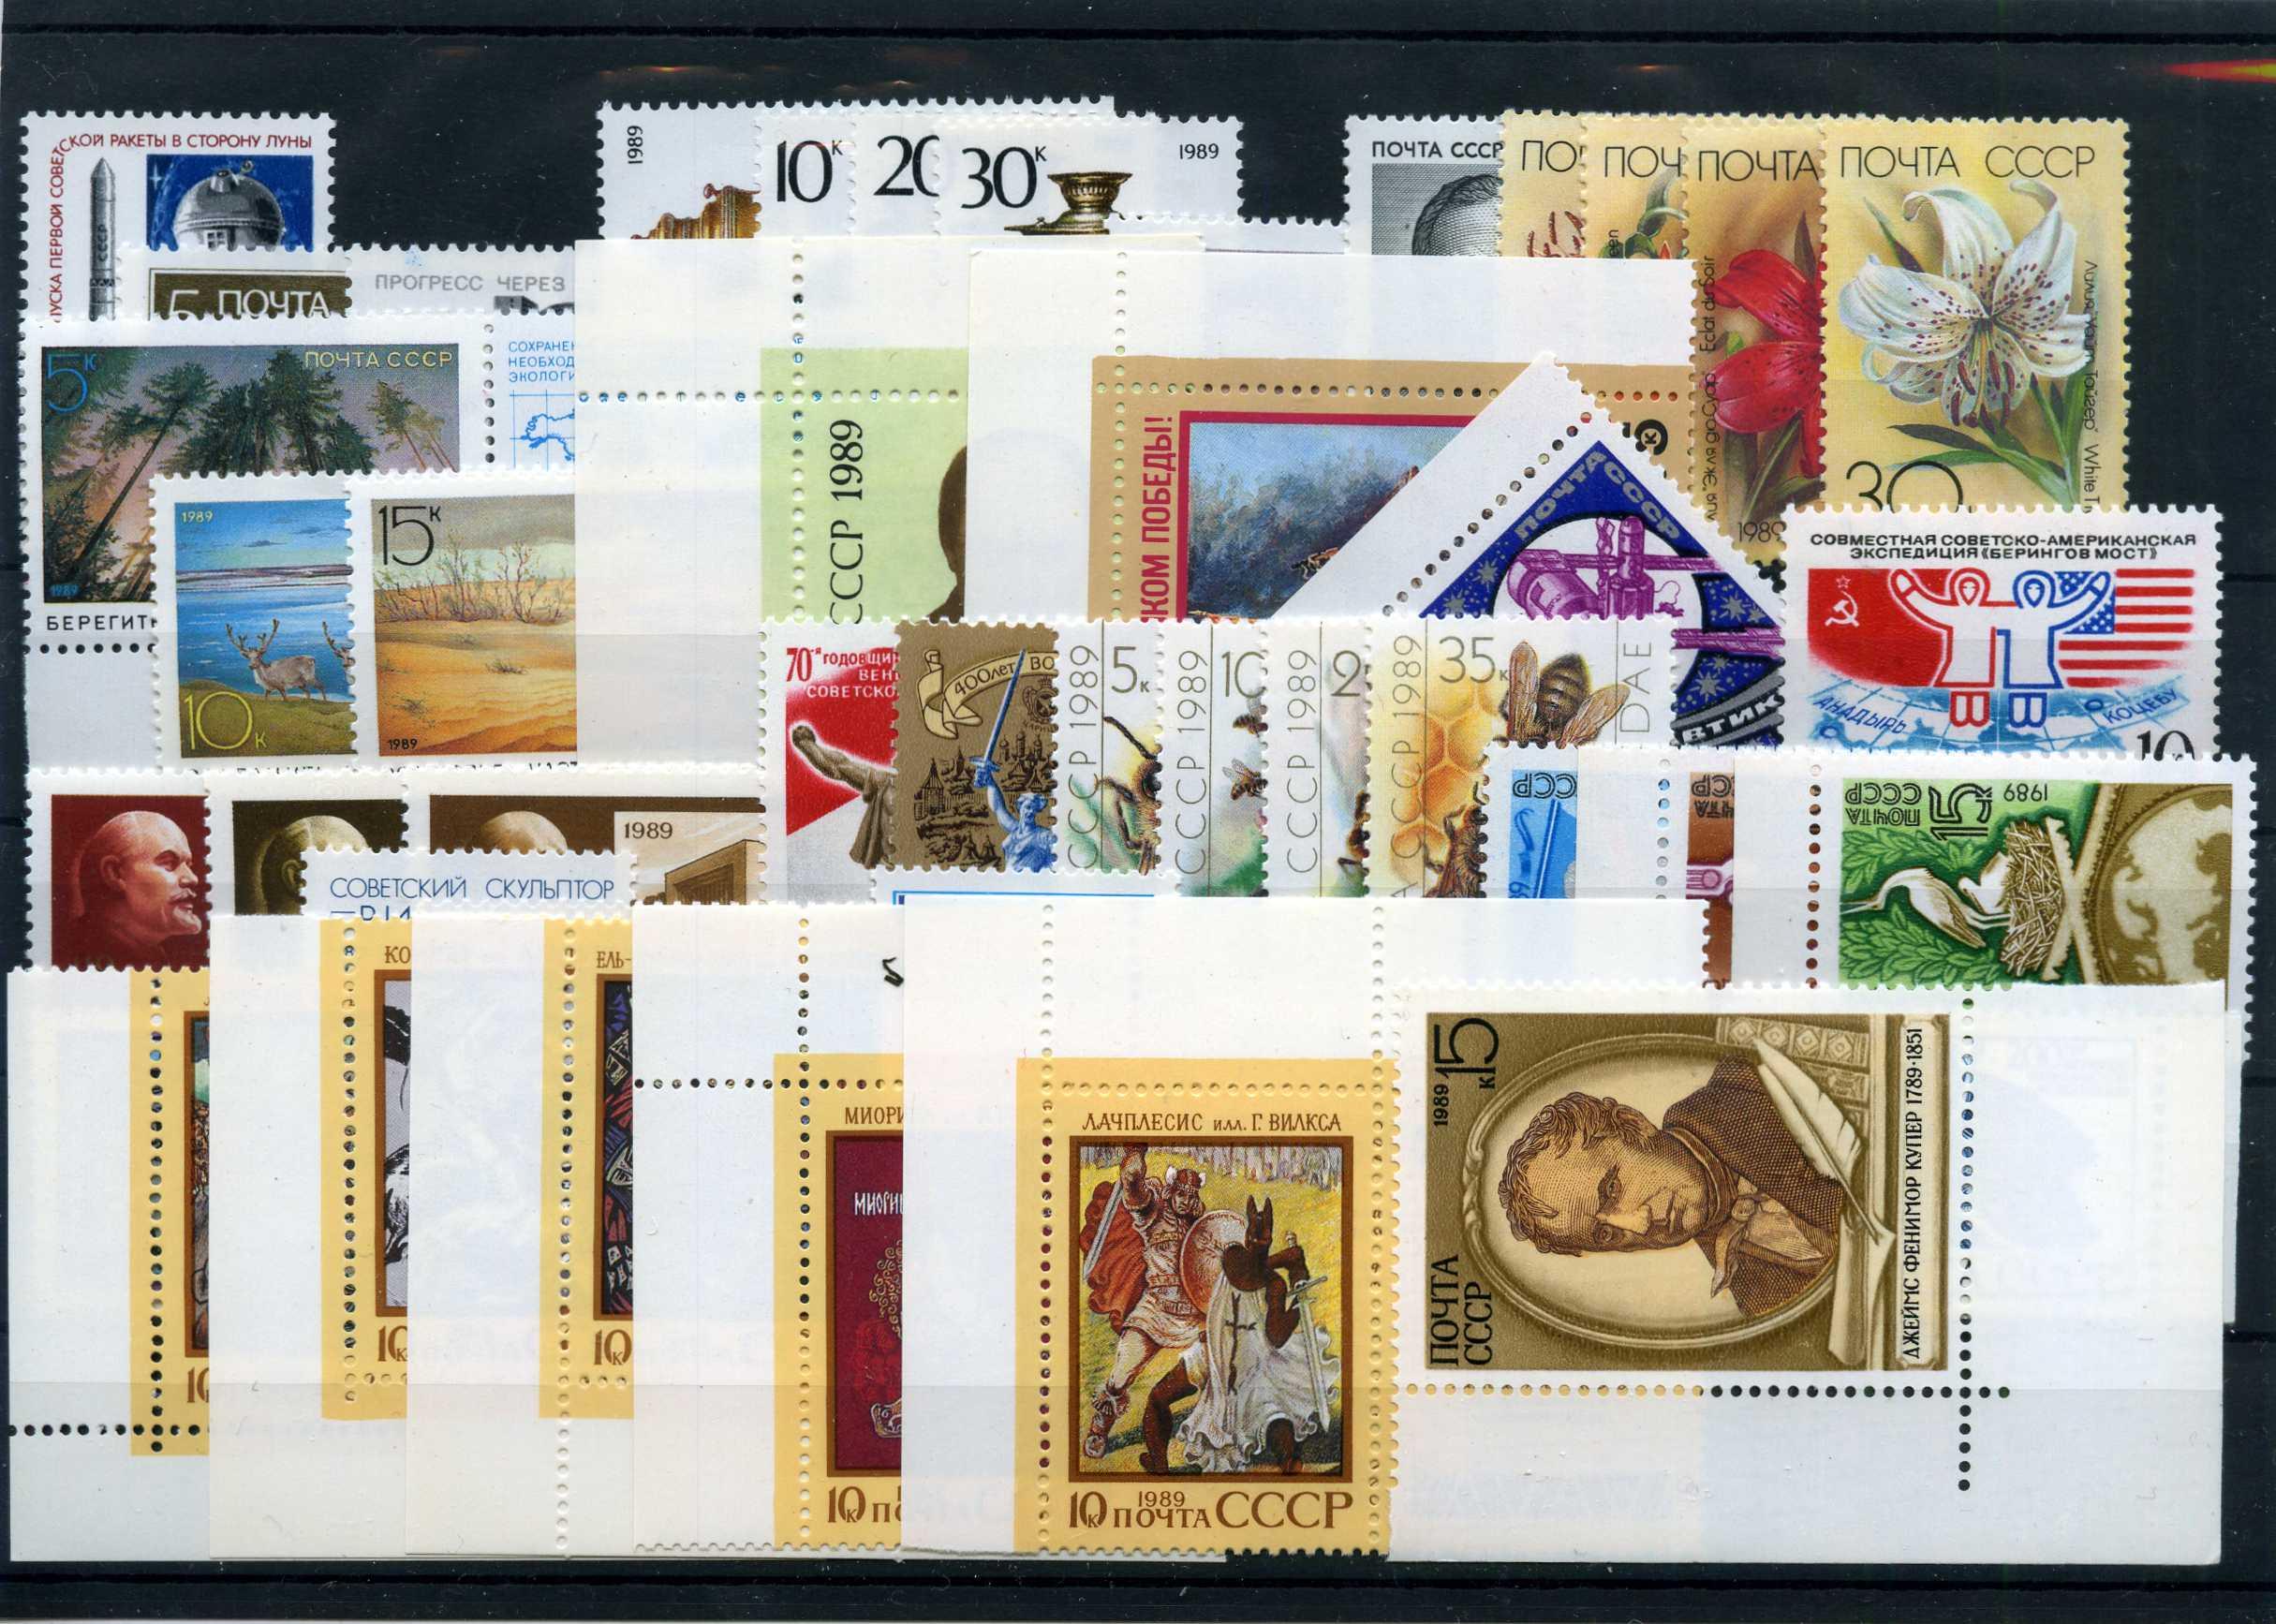 Годовой набор почтовых марок СССР 1989 год, 114 почтовых марок, 6 почтовых блоков